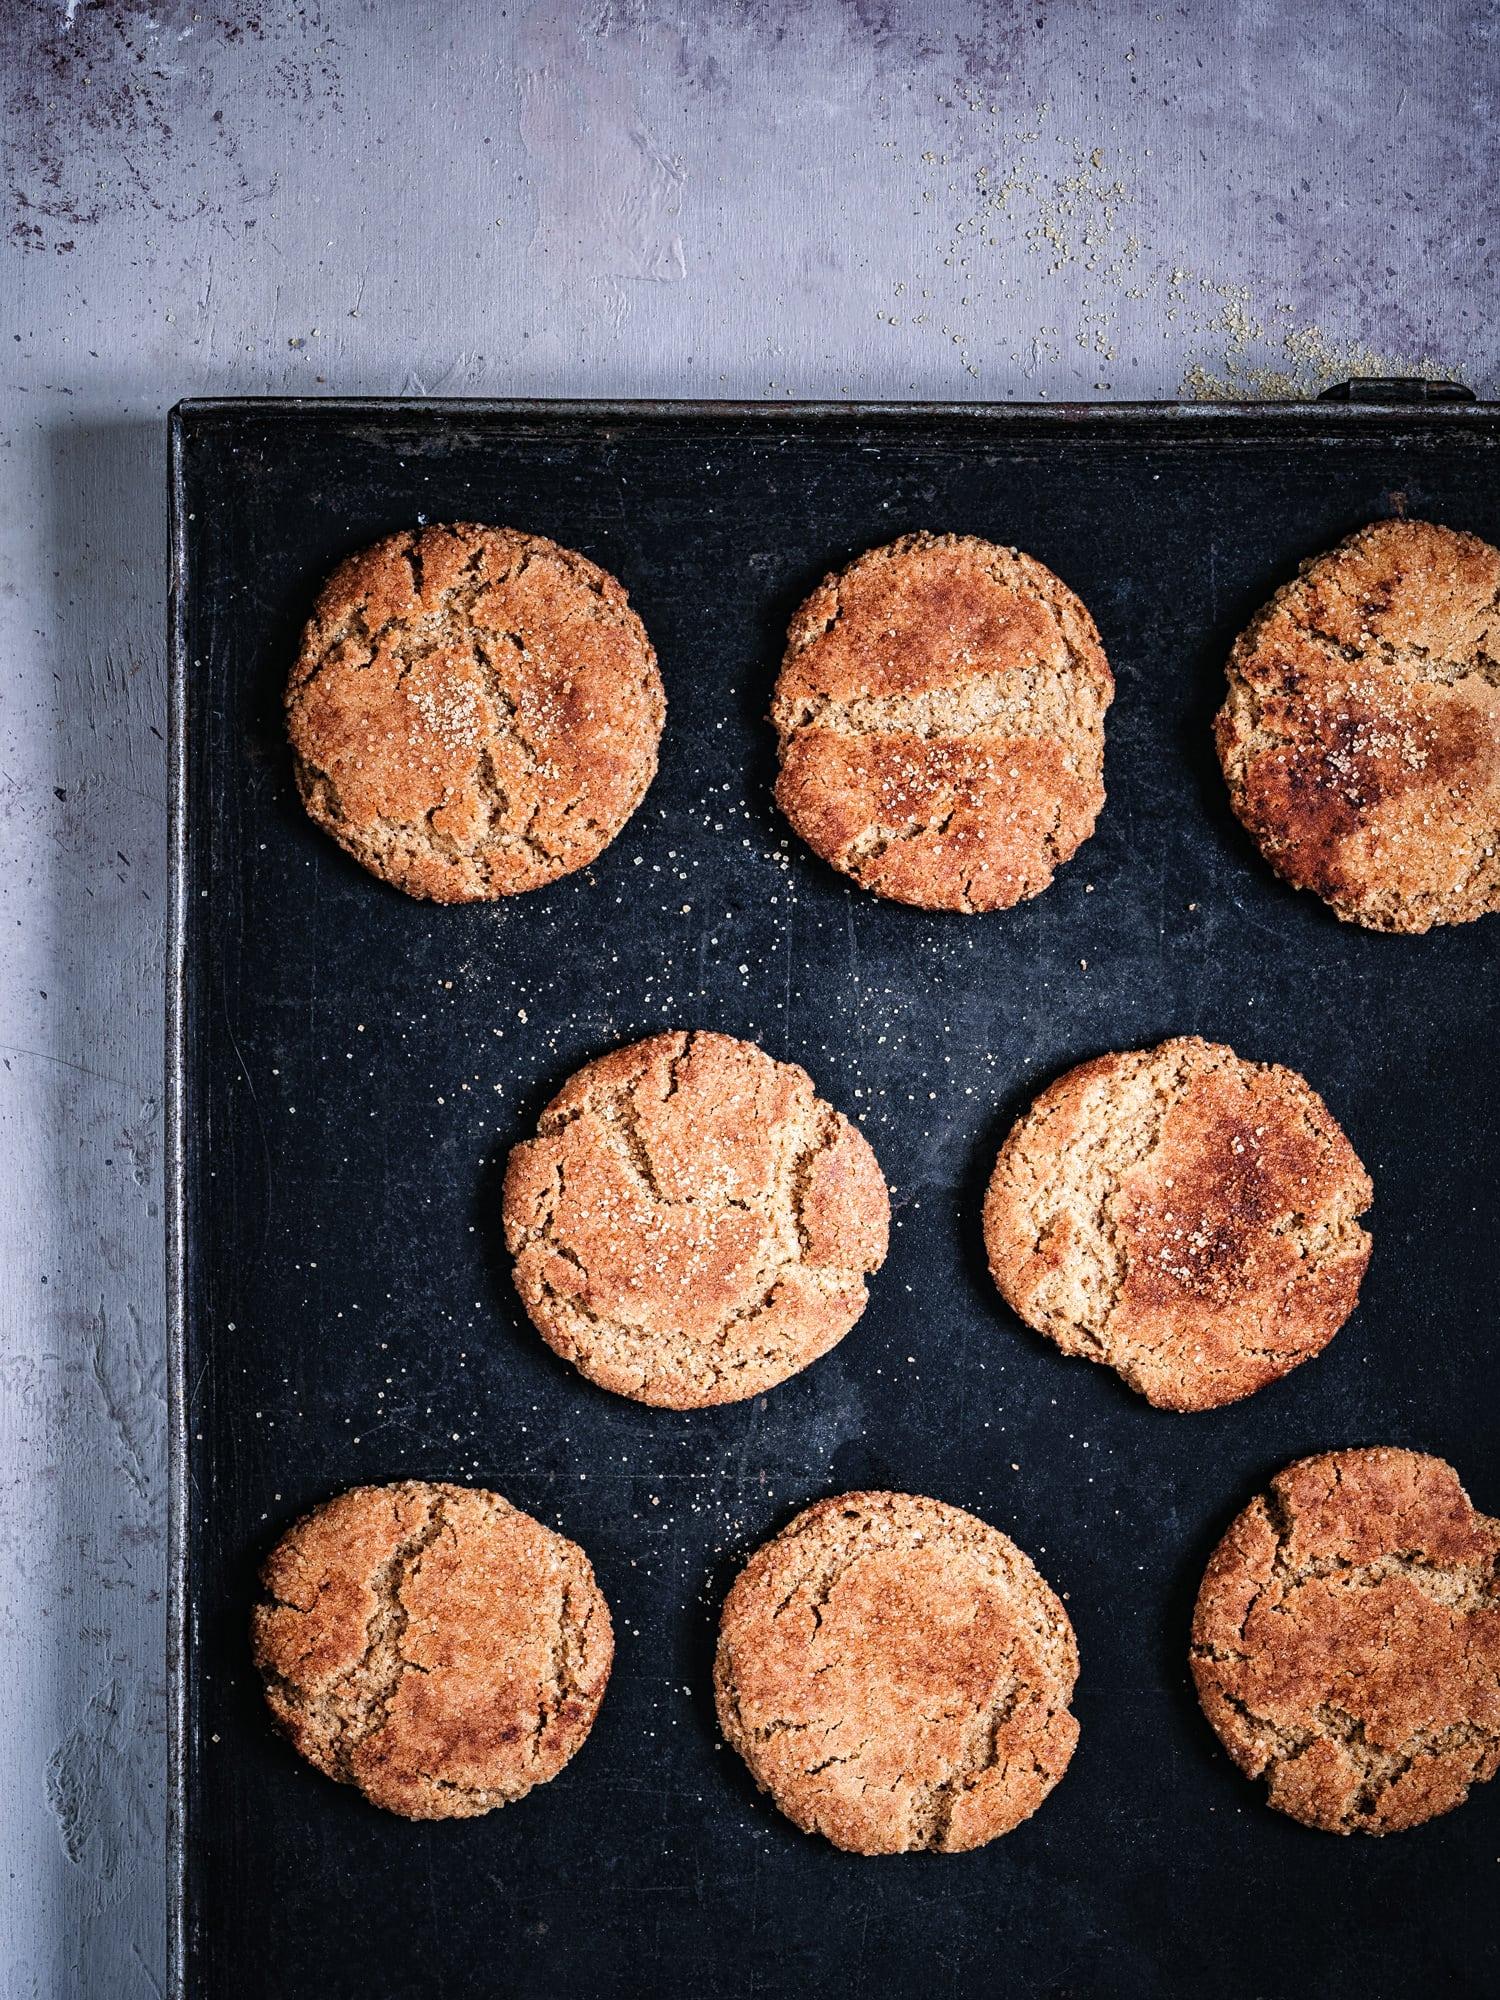 Kekse/Cookies - cover